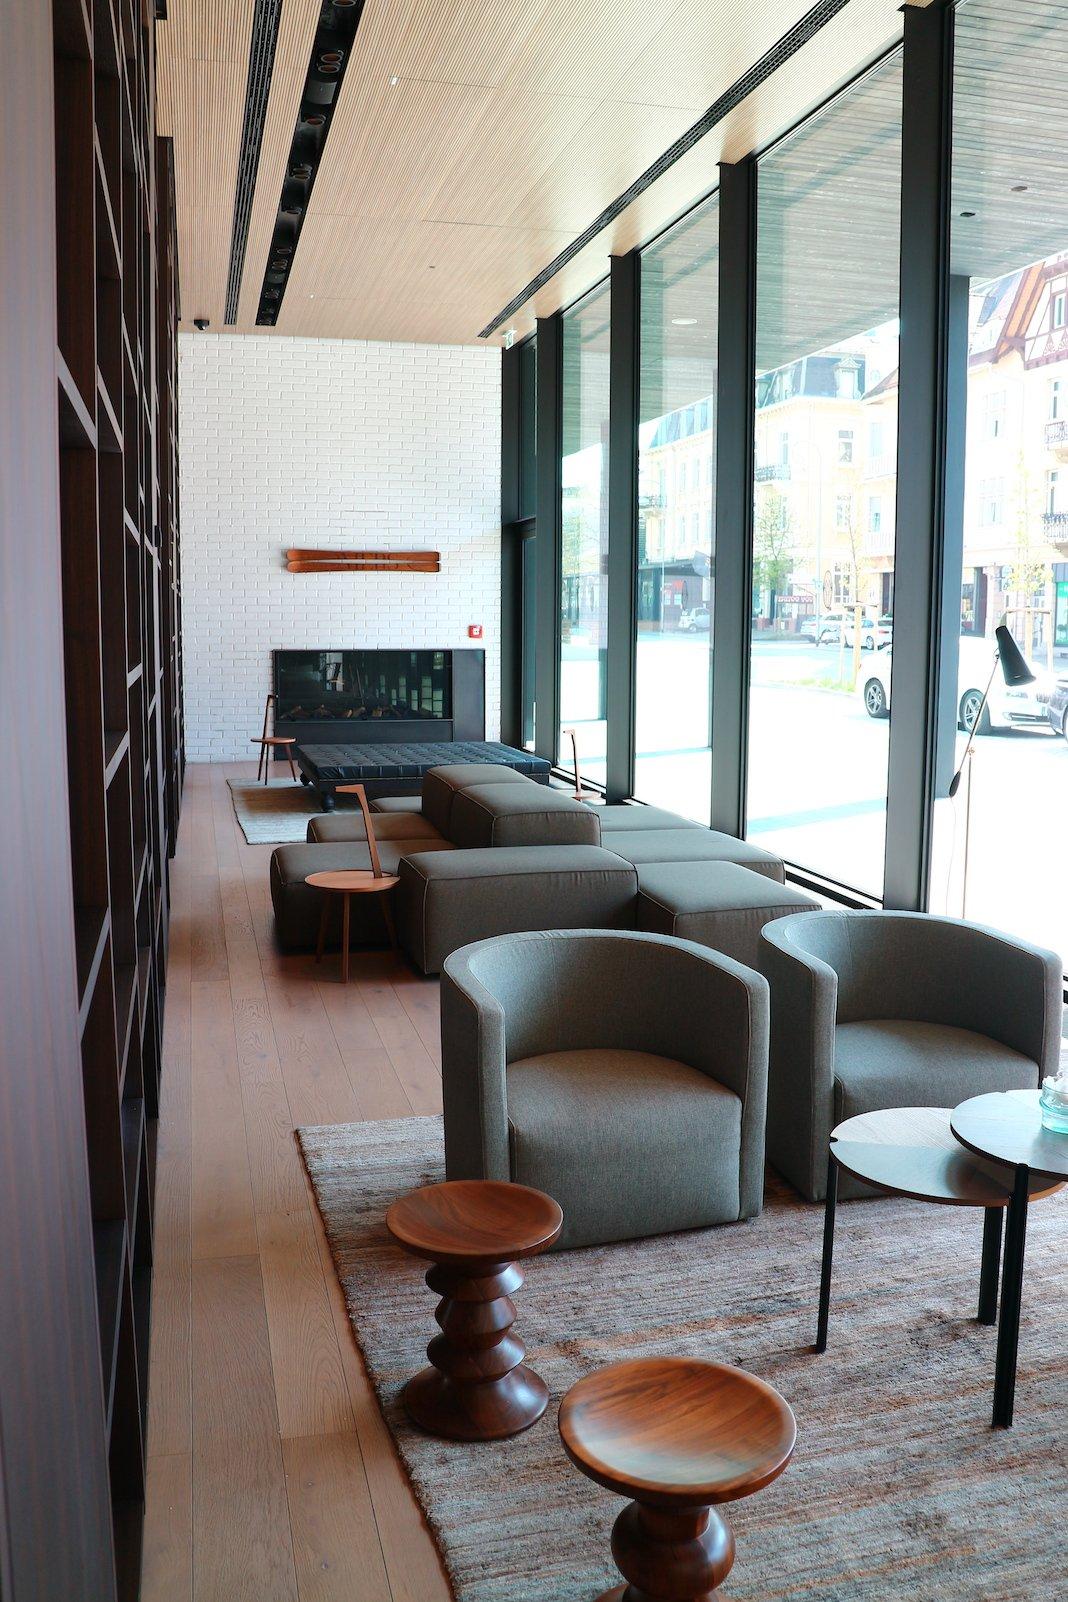 Gemütliches Sitzen mit Kaminfeuer an beiden Enden des Raums am Abend im Roomers Baden-Baden